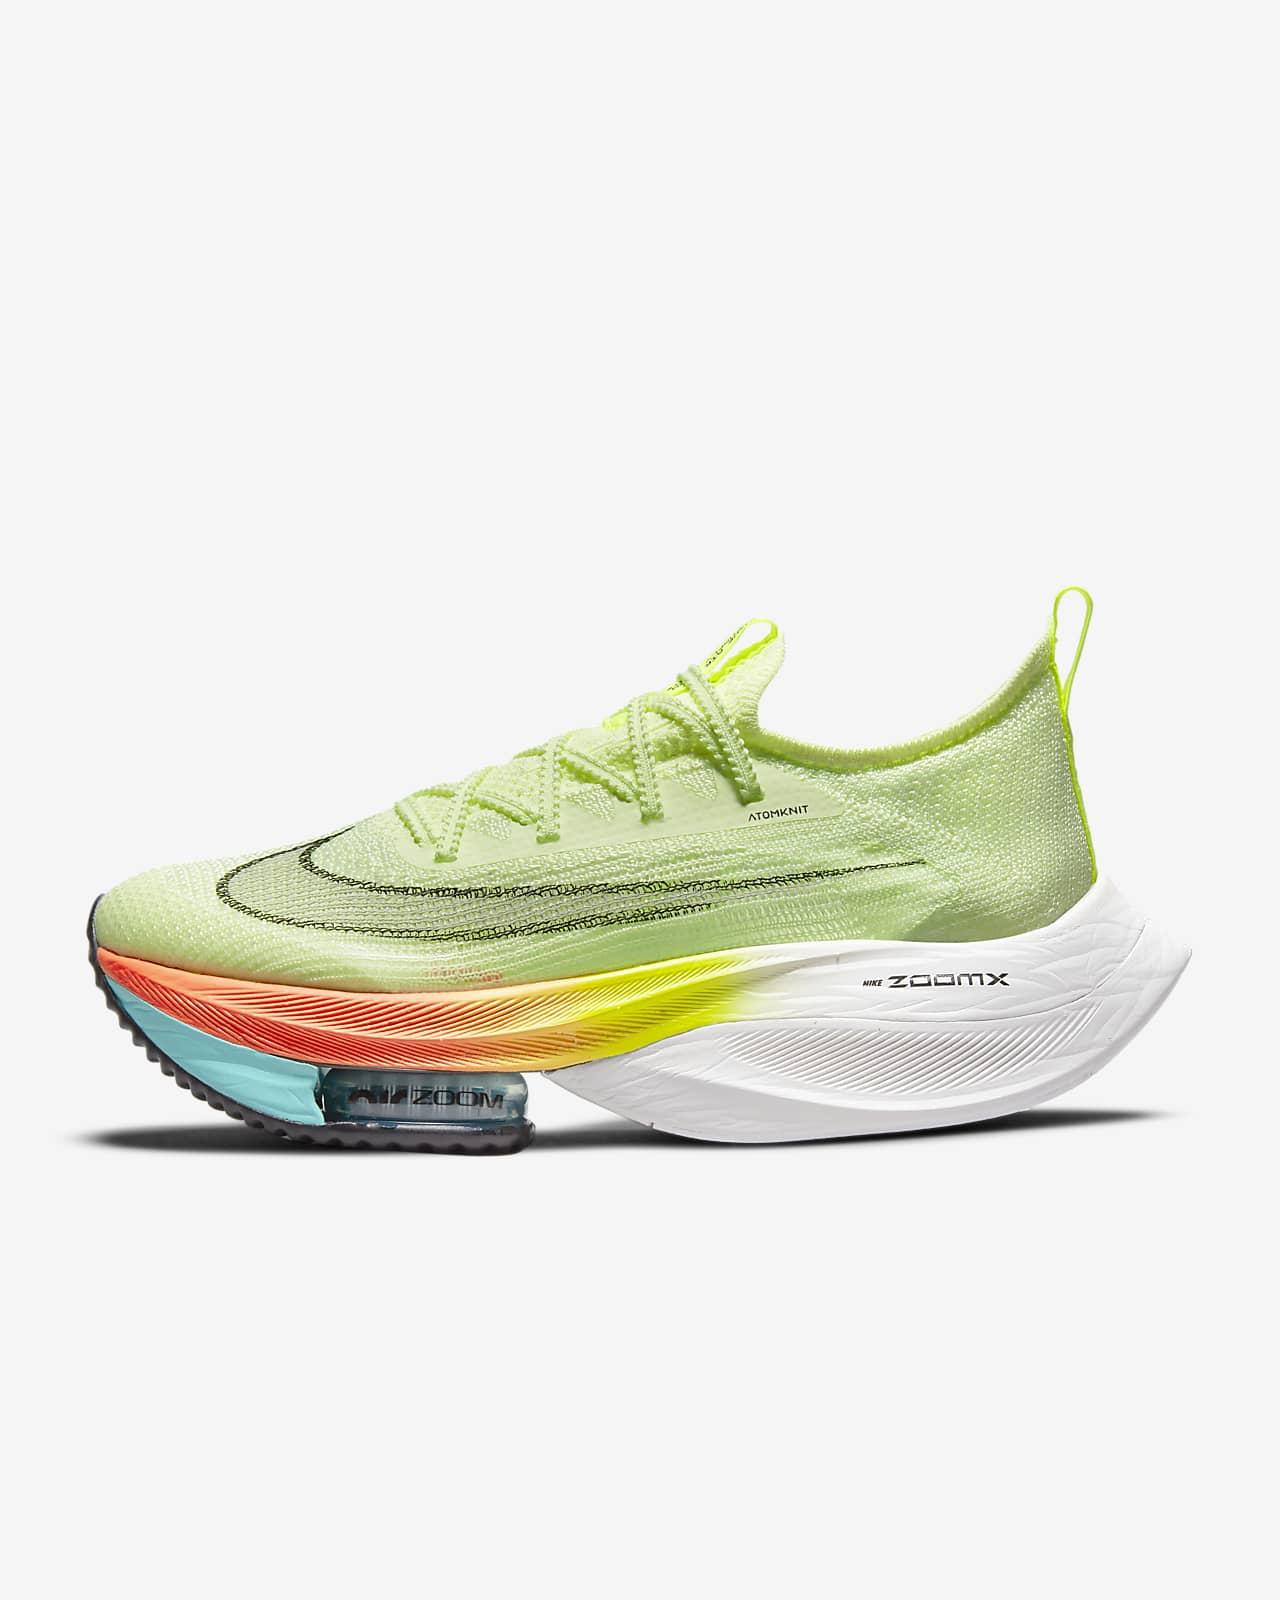 รองเท้าวิ่งโร้ดเรซซิ่งผู้หญิง Nike Air Zoom Alphafly NEXT%